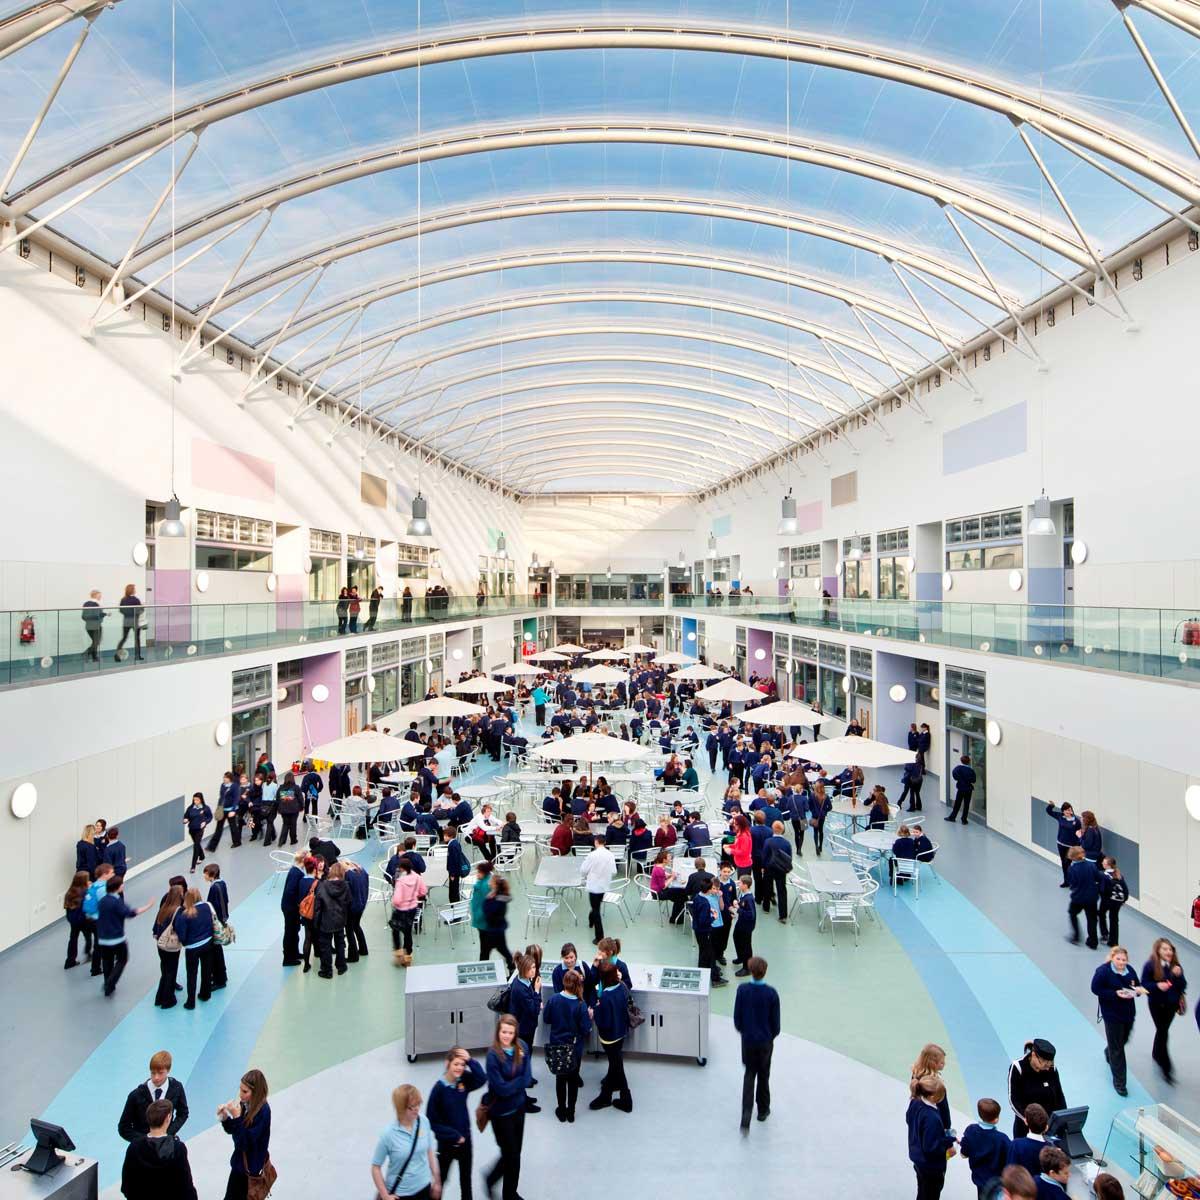 Bexhill Skills Centre in United Kingdom